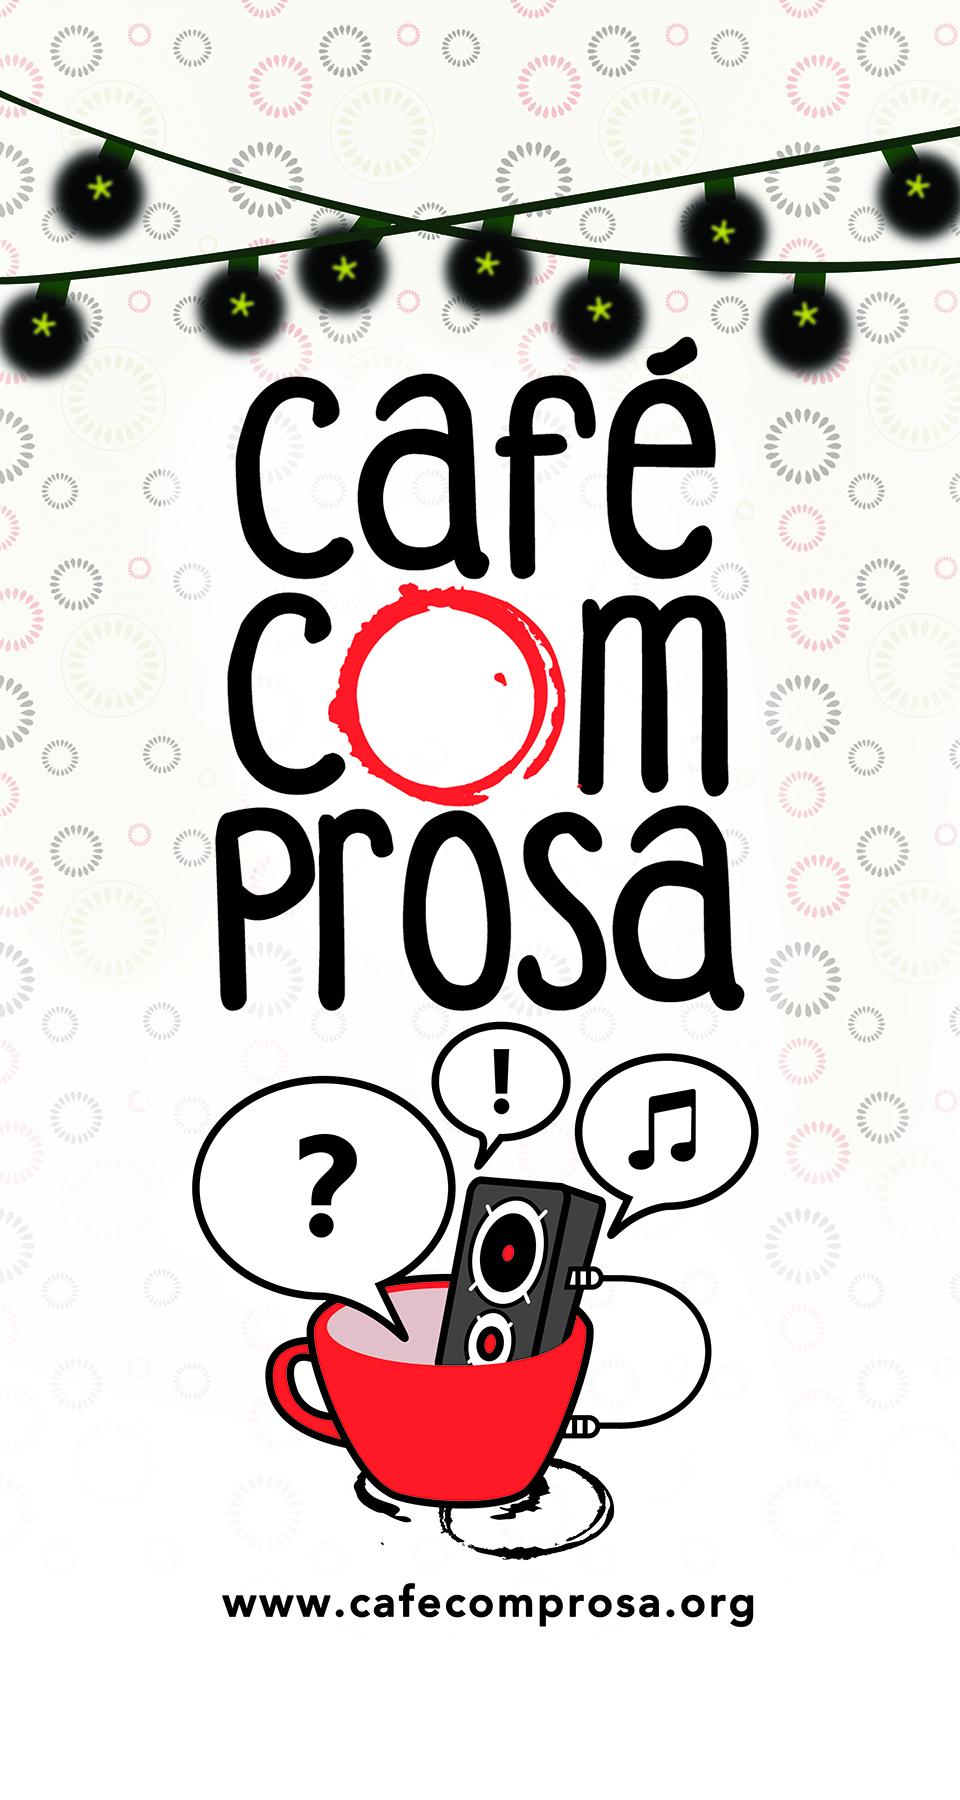 placa Café com prosa 2016 (peq).jpg